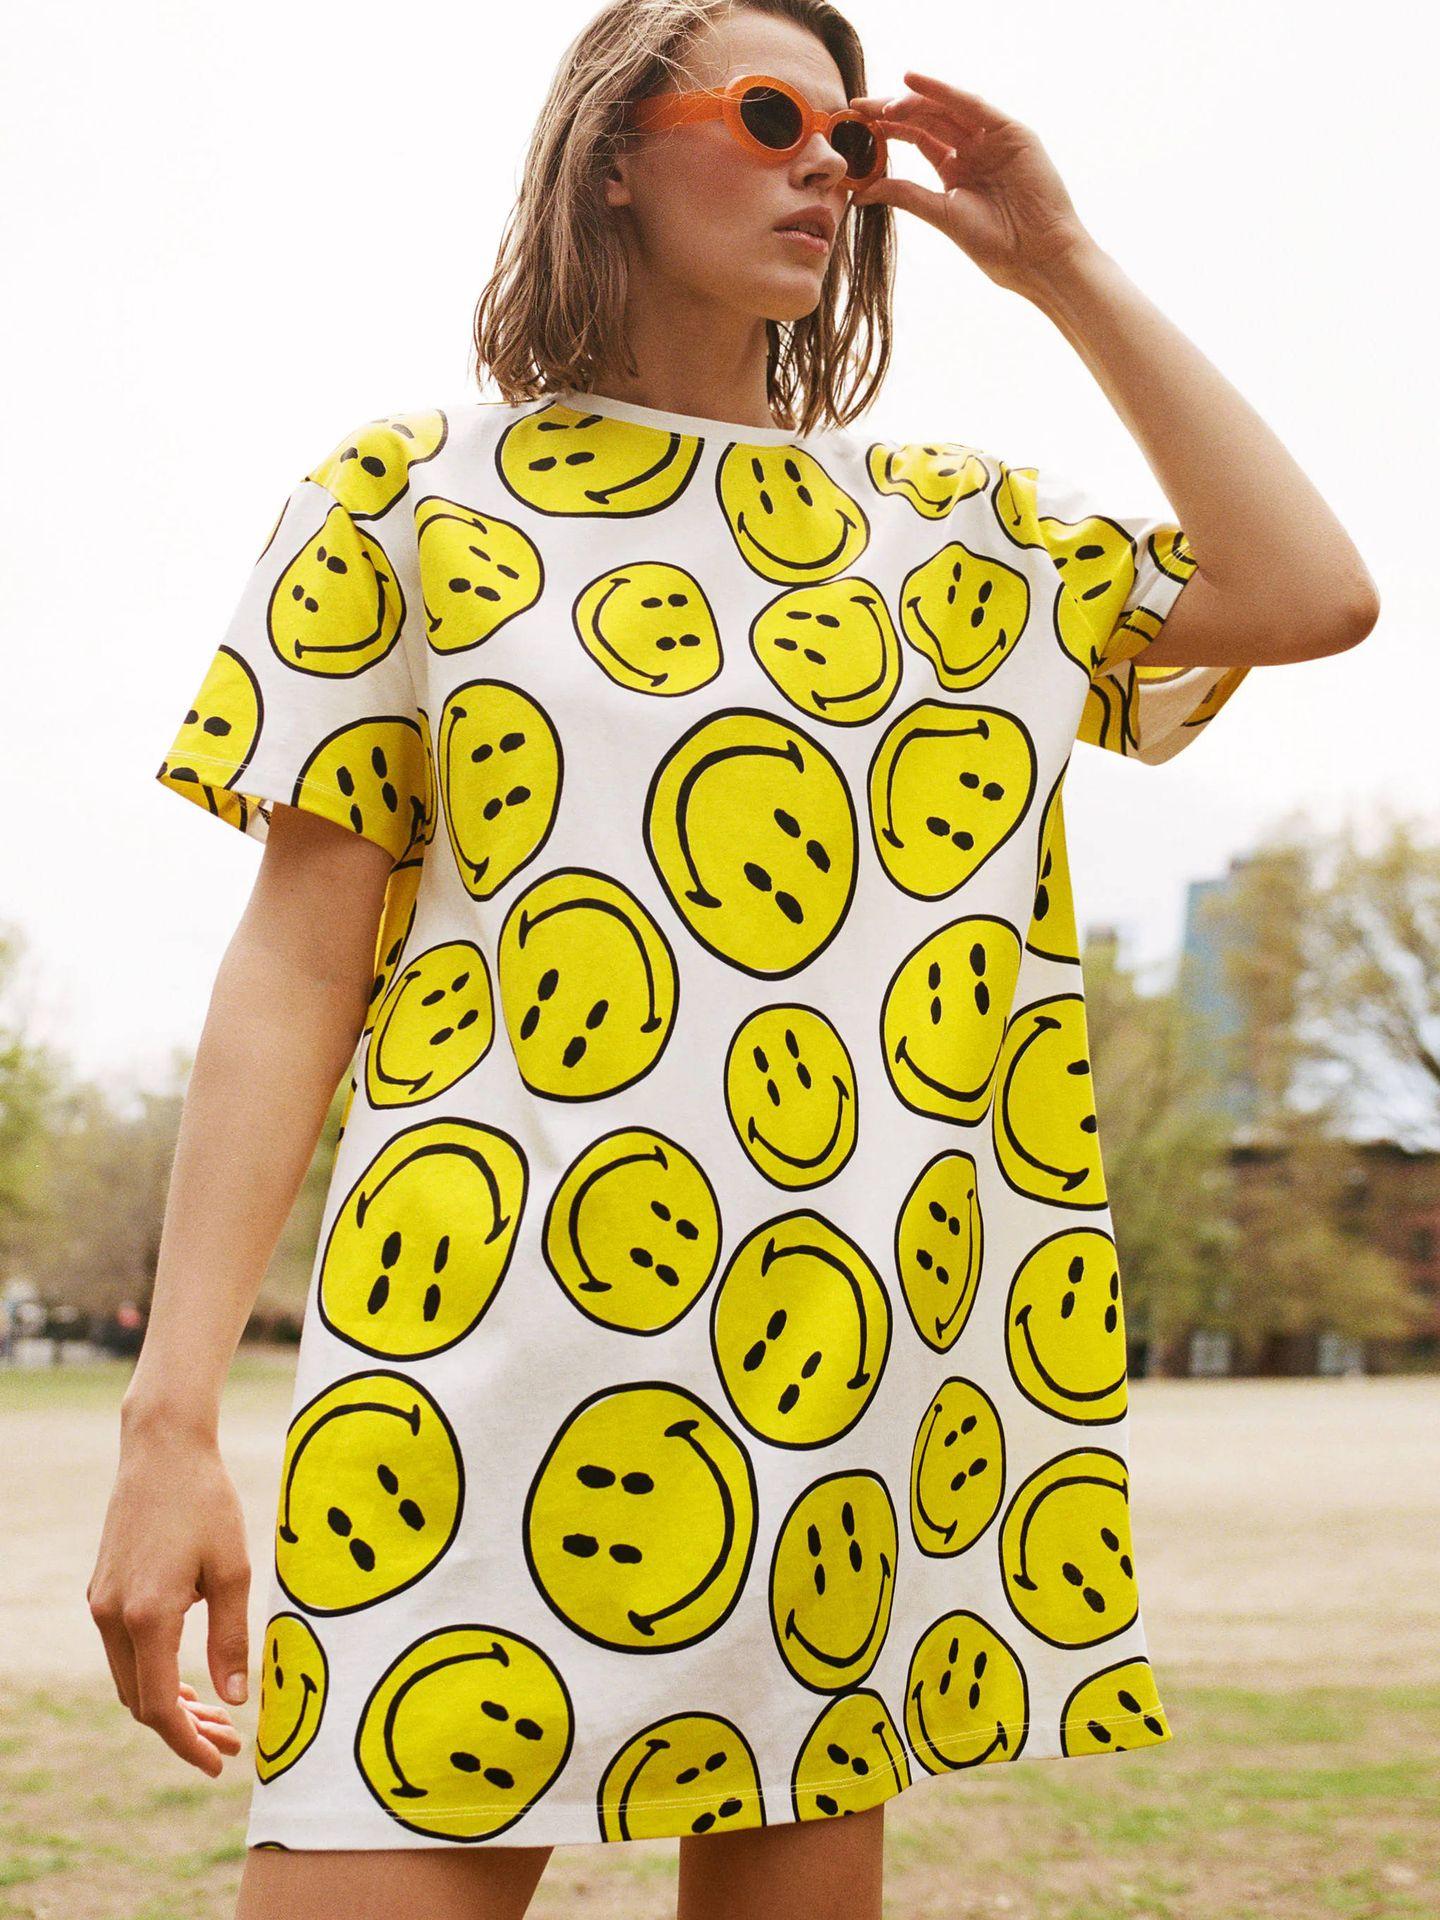 La nueva colección 'happy' de Zara. (Cortesía)